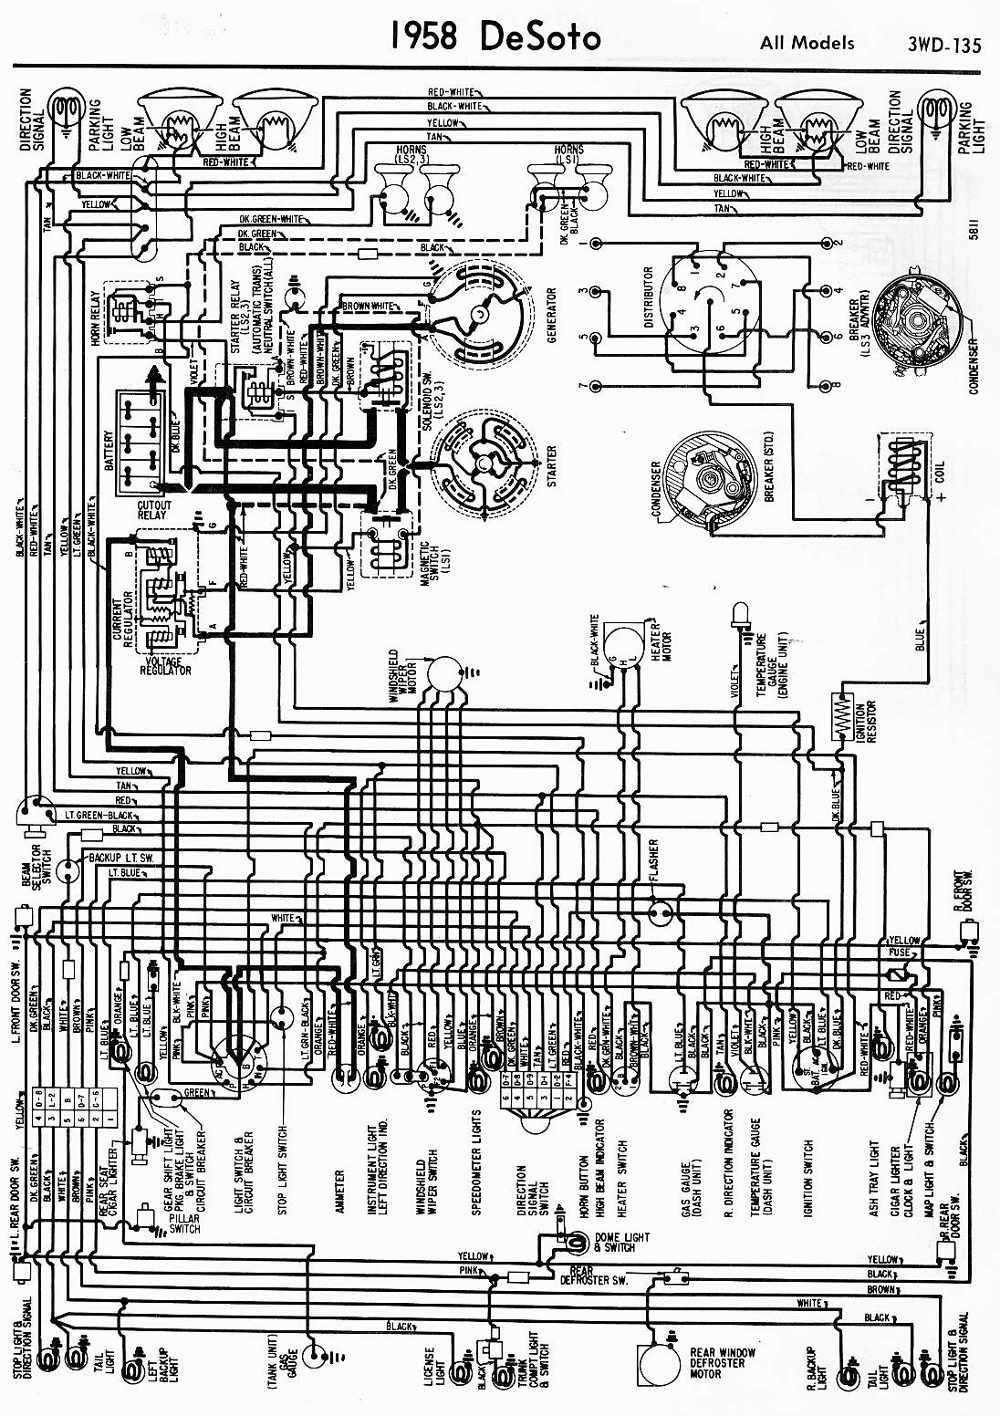 de soto - car pdf manual, wiring diagram & fault codes dtc  car pdf manuals & fault codes dtc